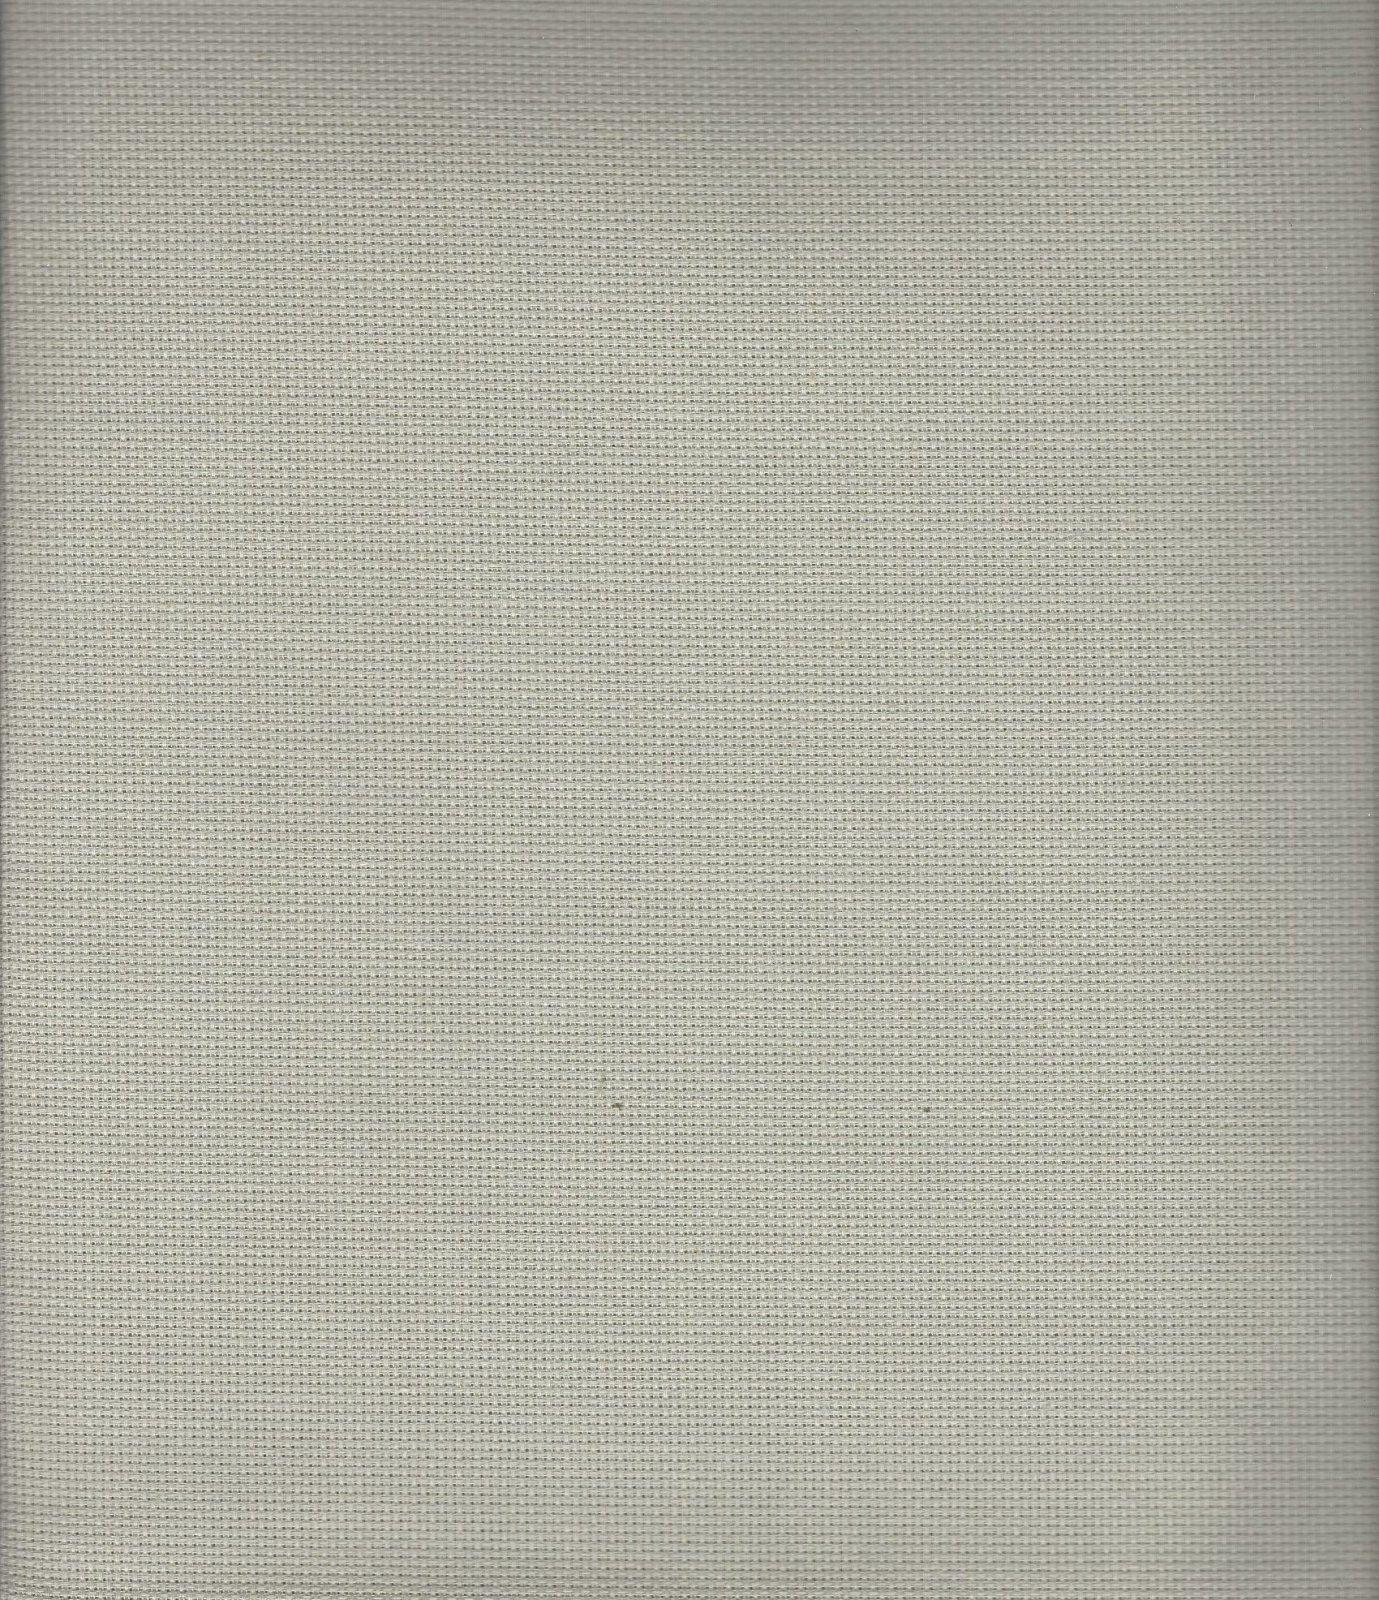 Aida 18ct Clay (discontinued color)